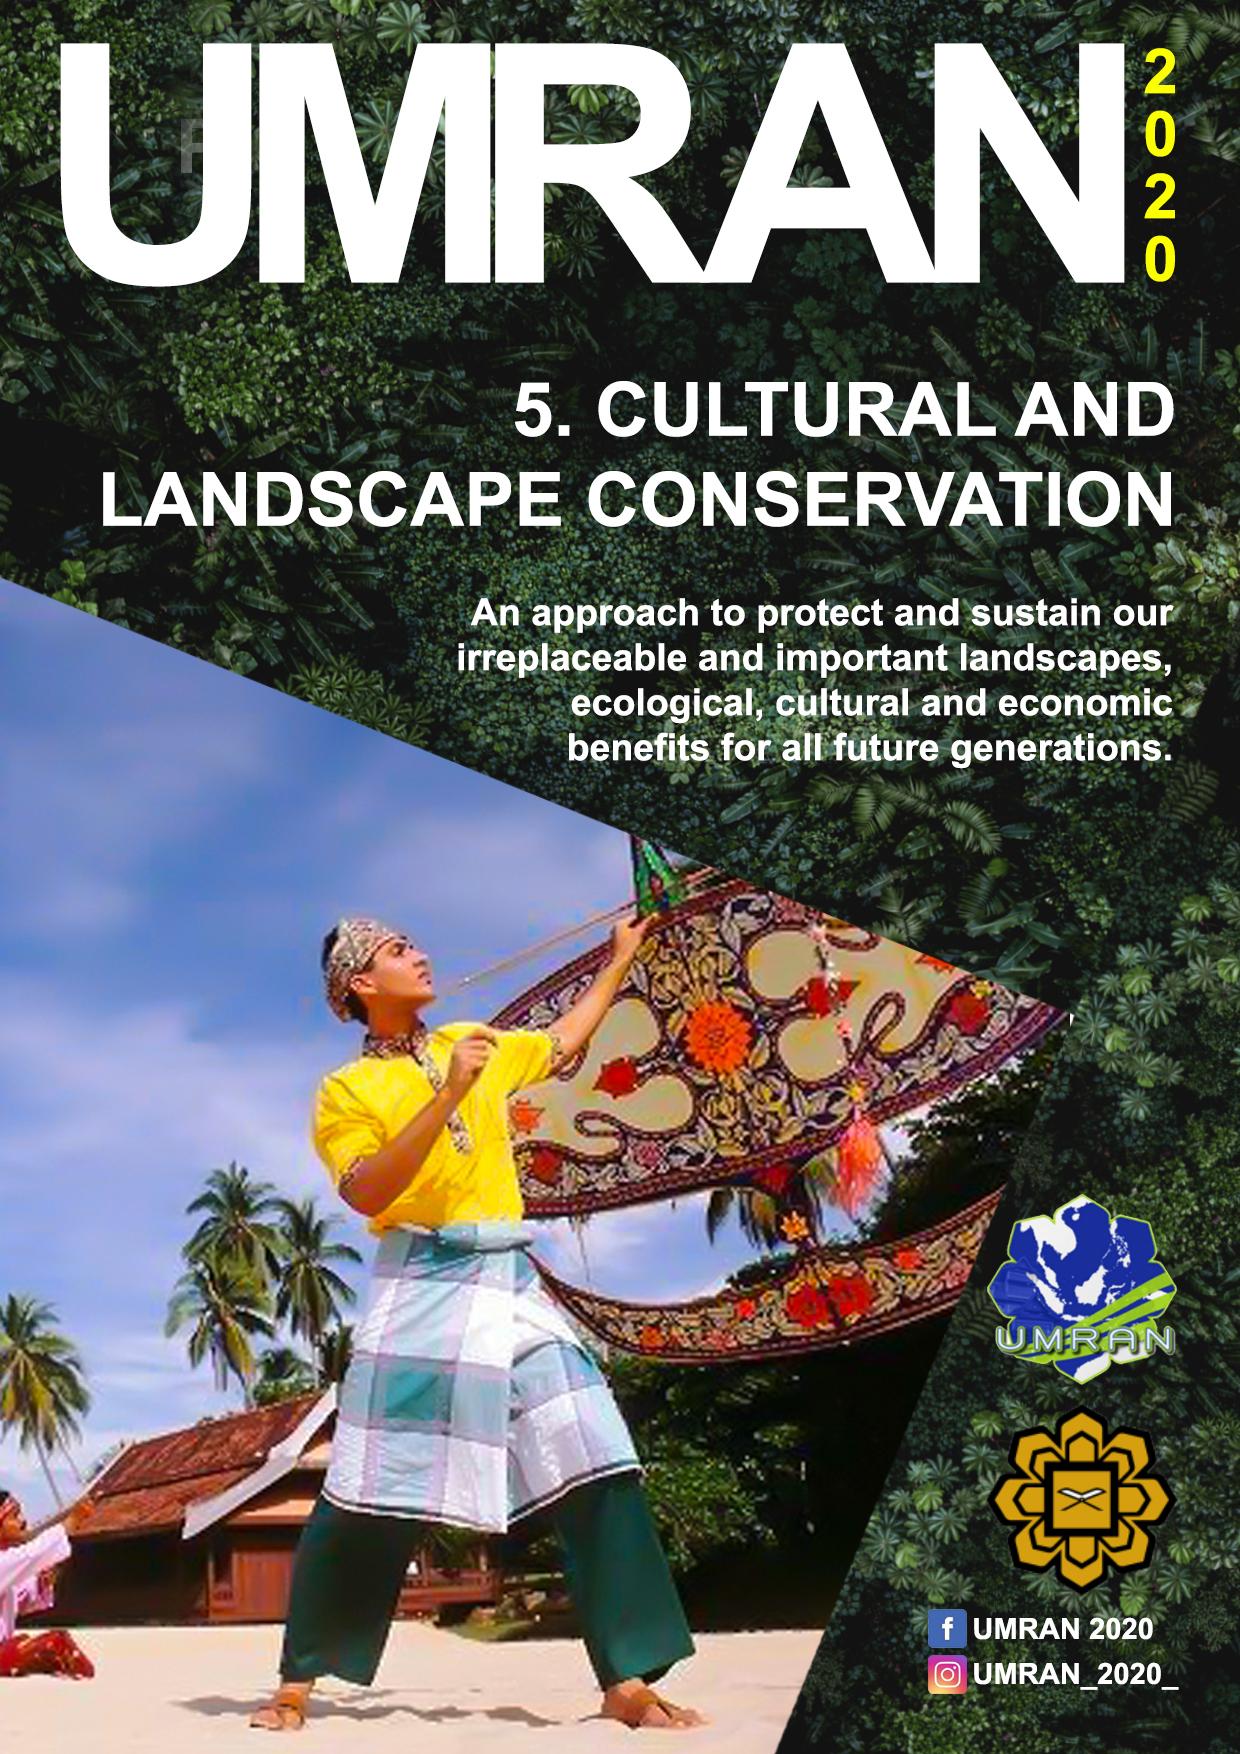 UMRAN 2020: Cultural and Landscape Conservation